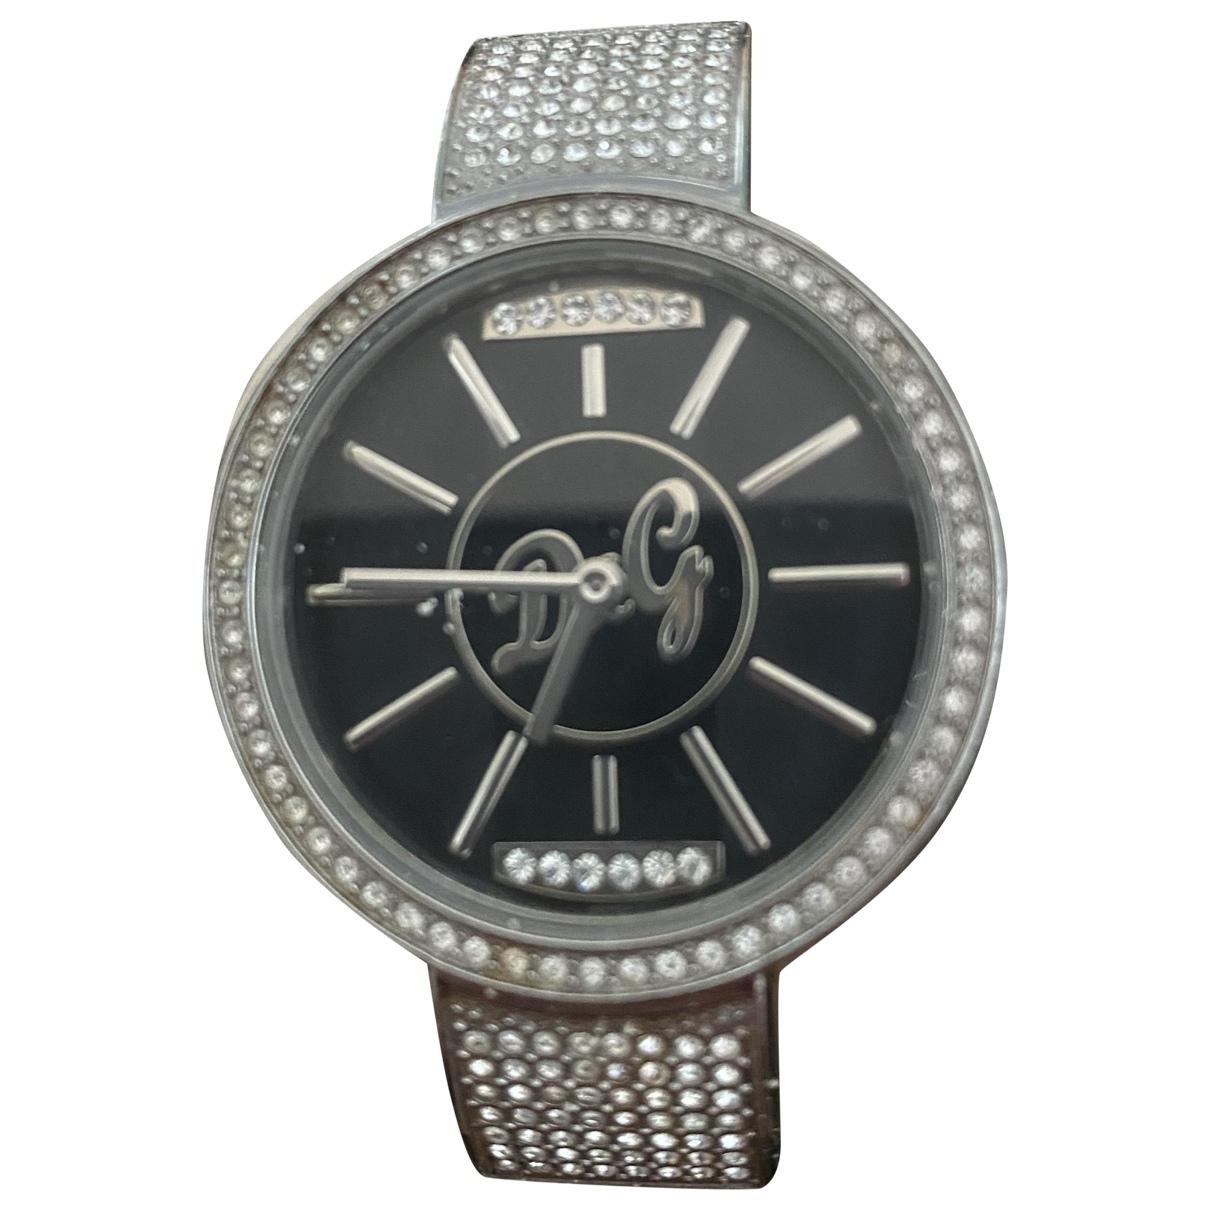 D&g \N Silver Steel watch for Women \N